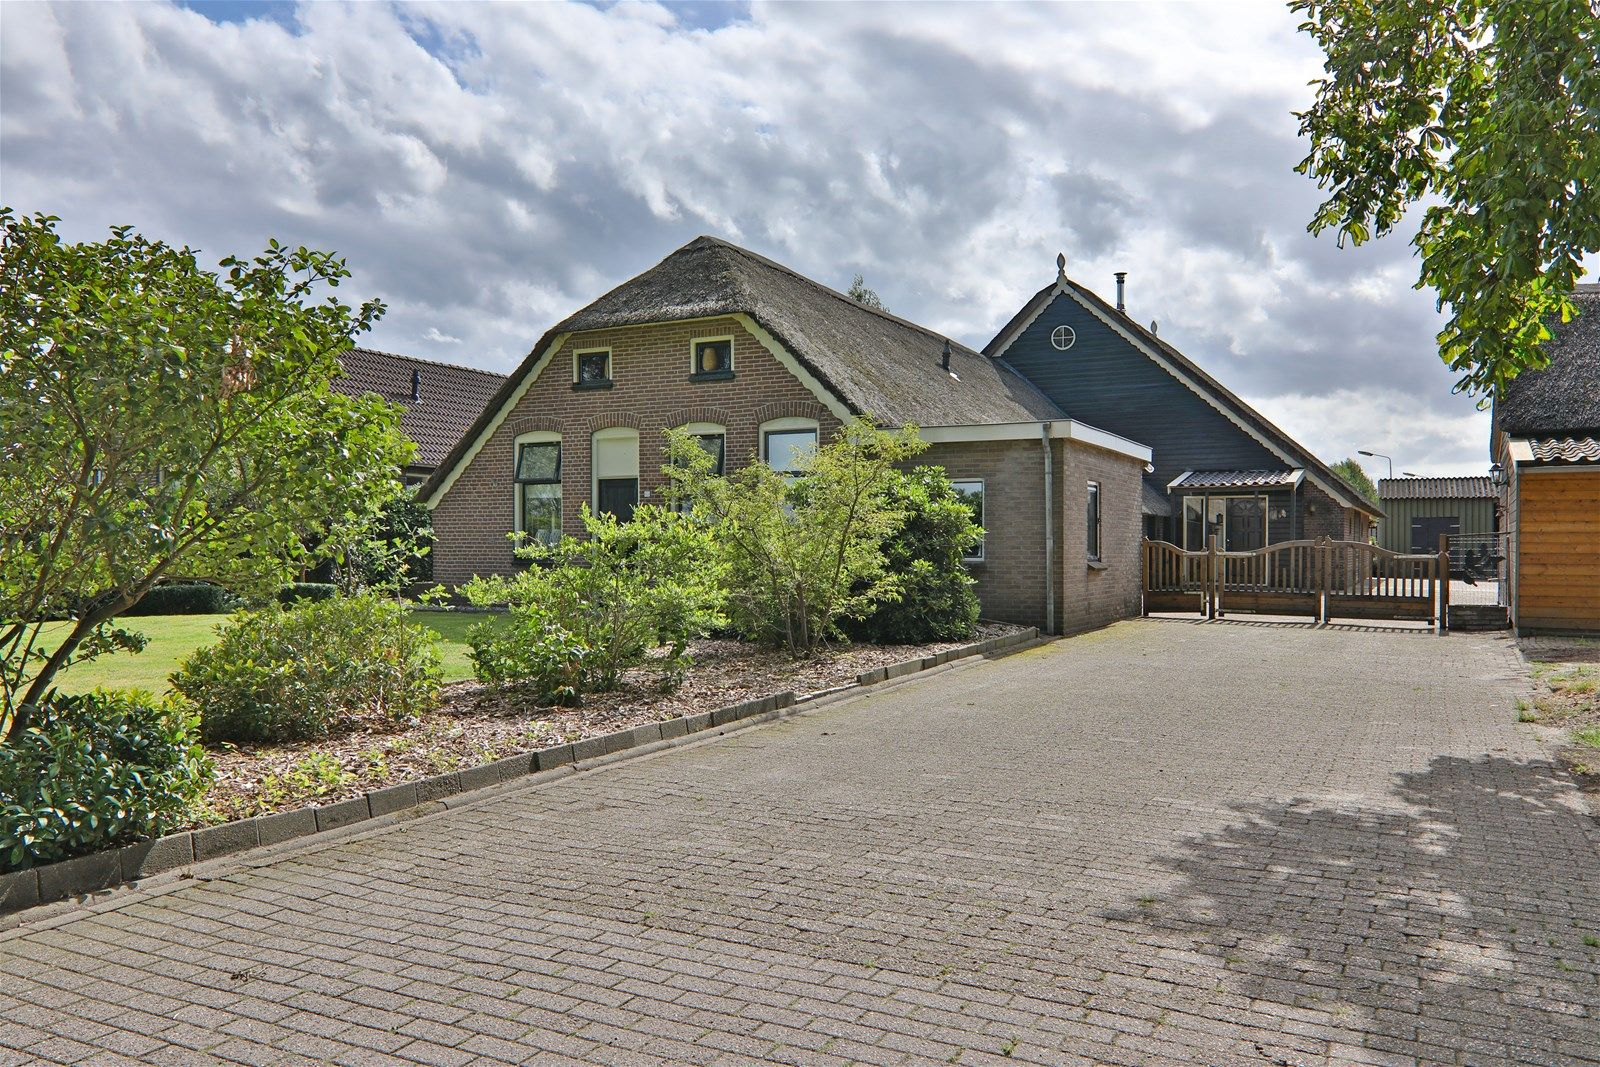 Willem Moesweg 13, Veeningen